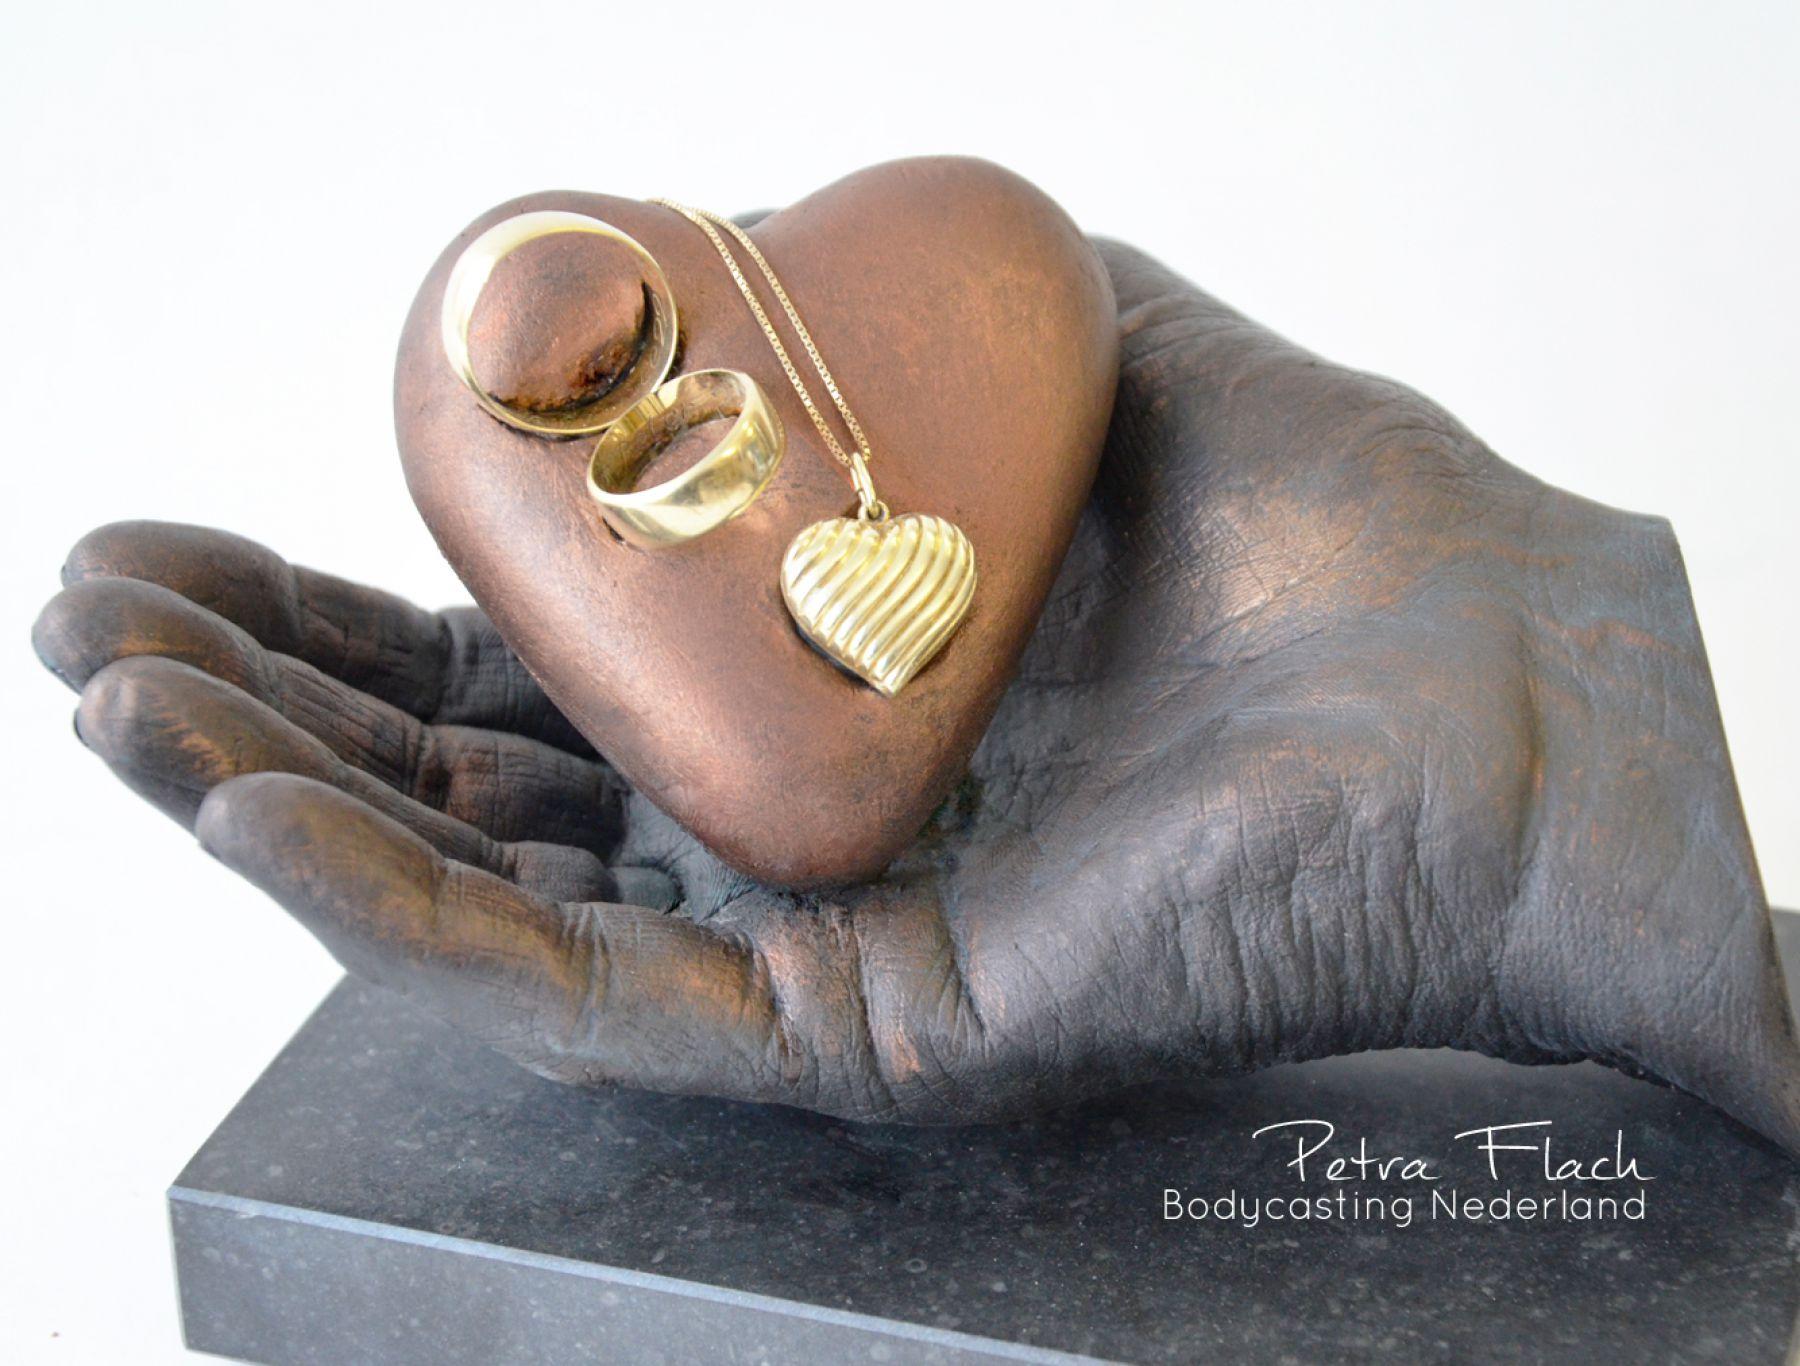 handen, handbeeld, bodycasting, casting, 3d beeld, gips handen, Art, kunst, exclusief, idee, rouw, as, ampul, troost